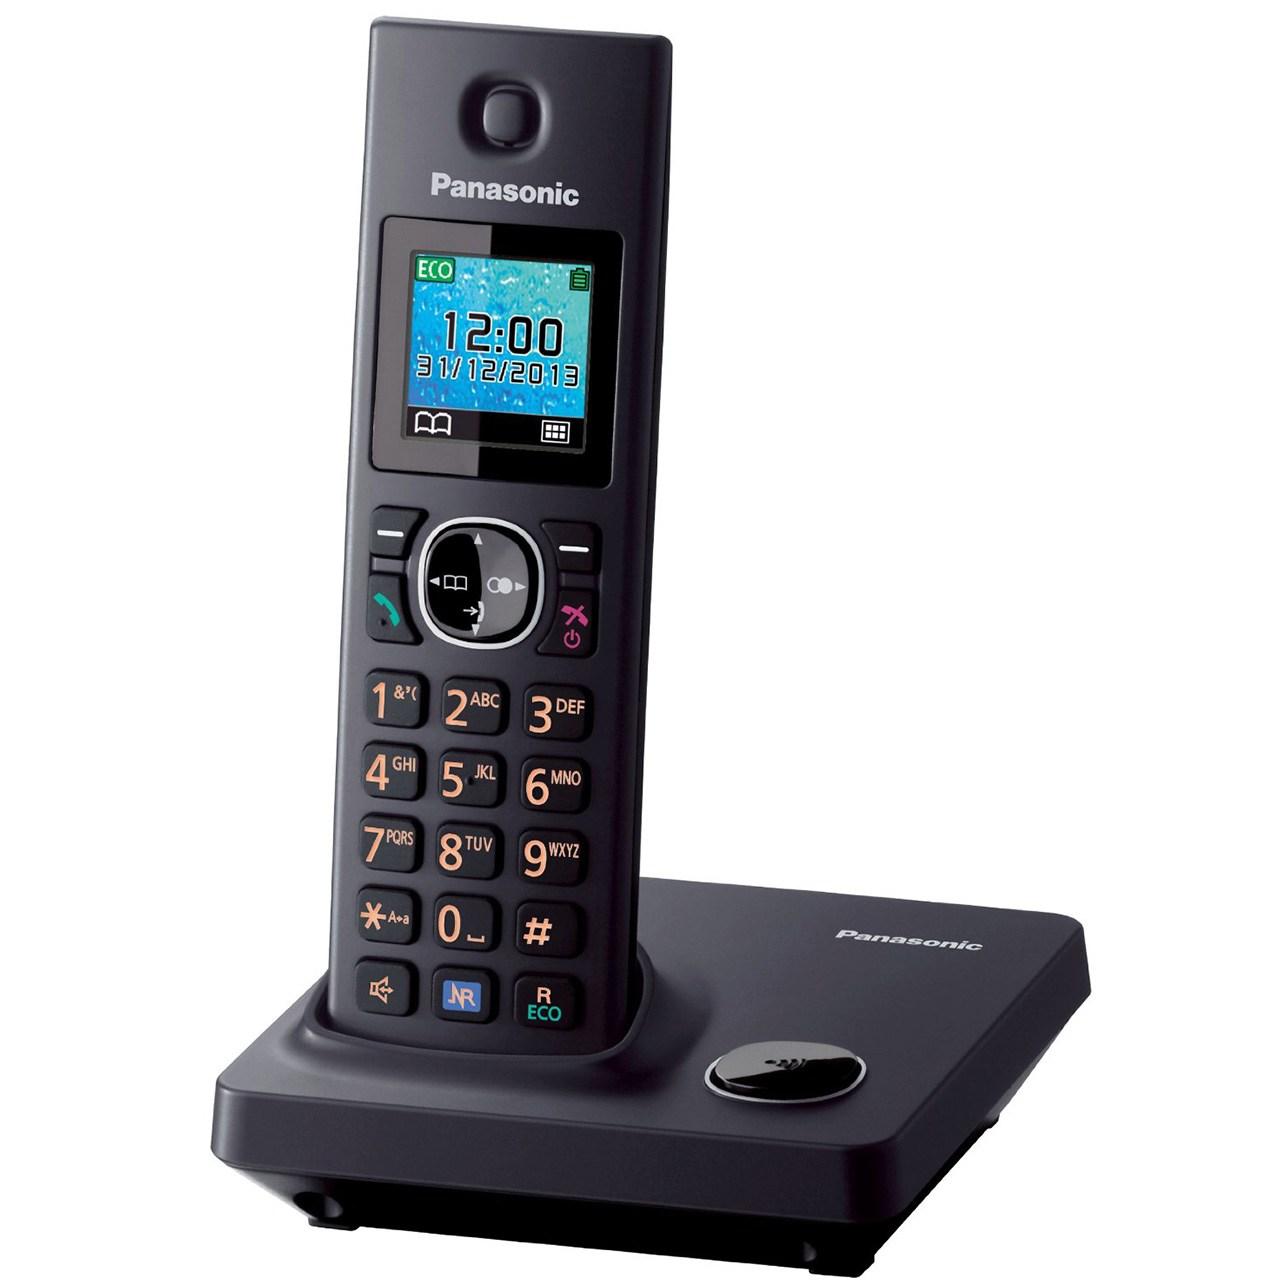 تلفن بی سیم پاناسونیک مدل KX-TG7851FX